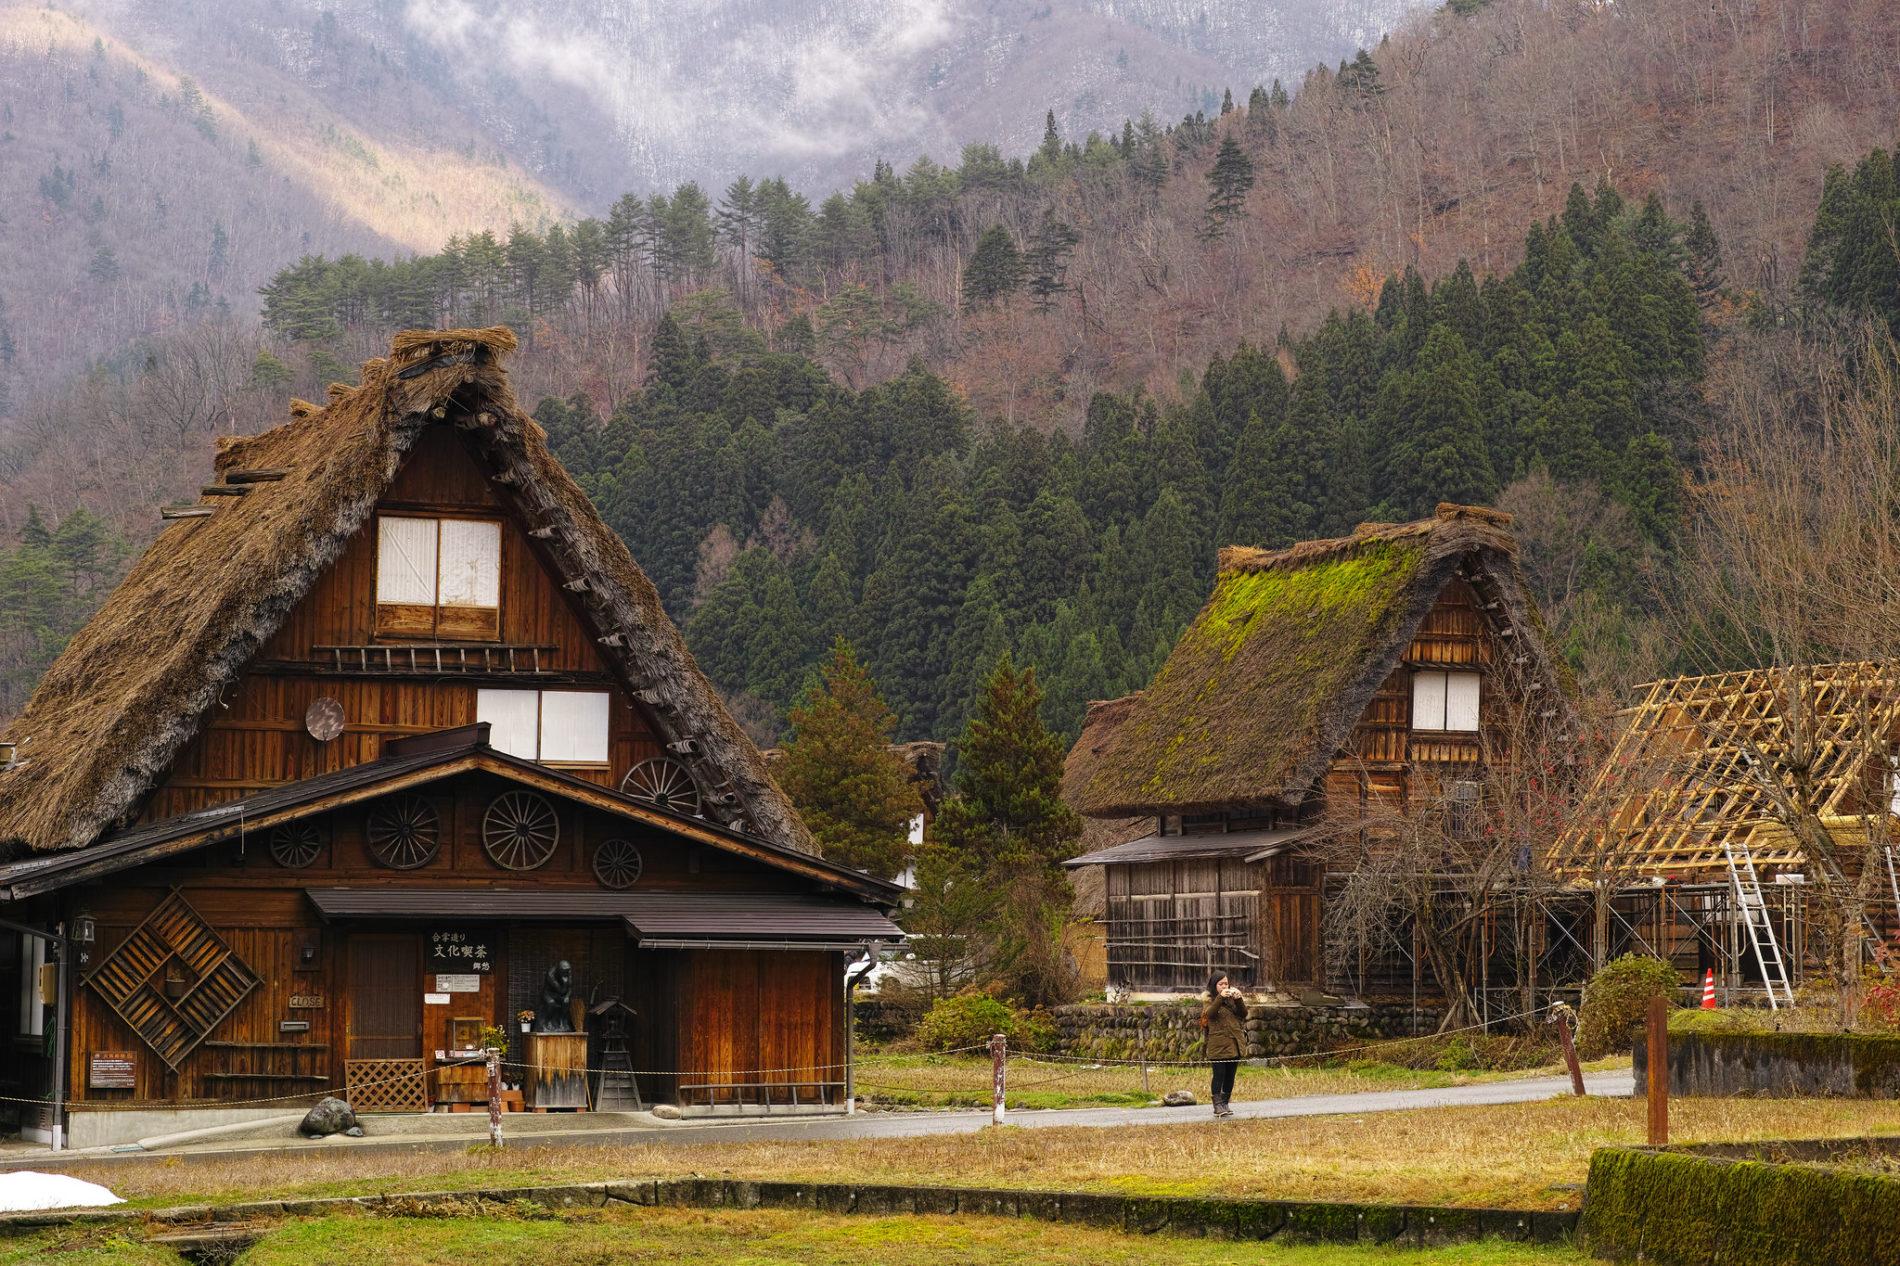 In der abgeschiedenen Region Shirakawa-go ist ein einzigartiger Bau- und Lebensstil erhalten geblieben.